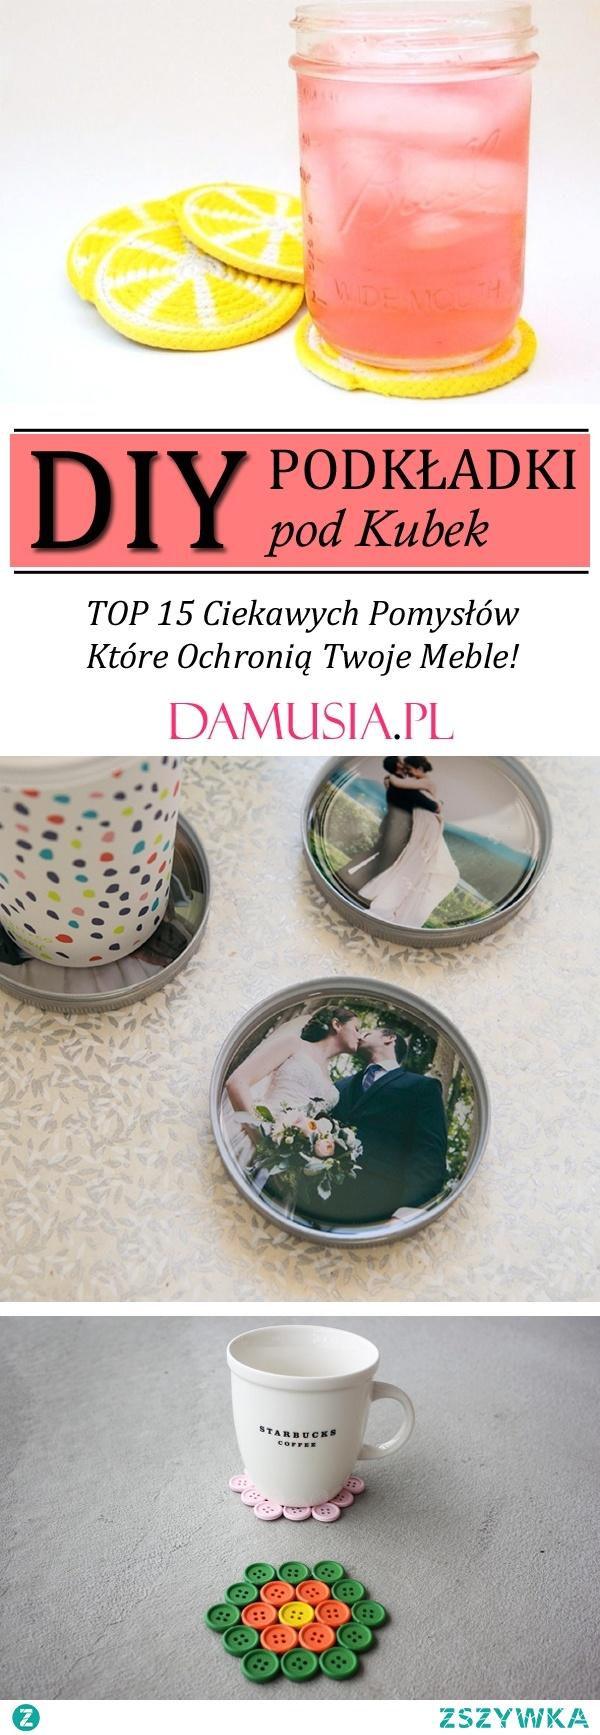 TOP 15 Ciekawych Pomysłów na DIY Podkładki pod Kubek Które Ochronią Twoje Meble!